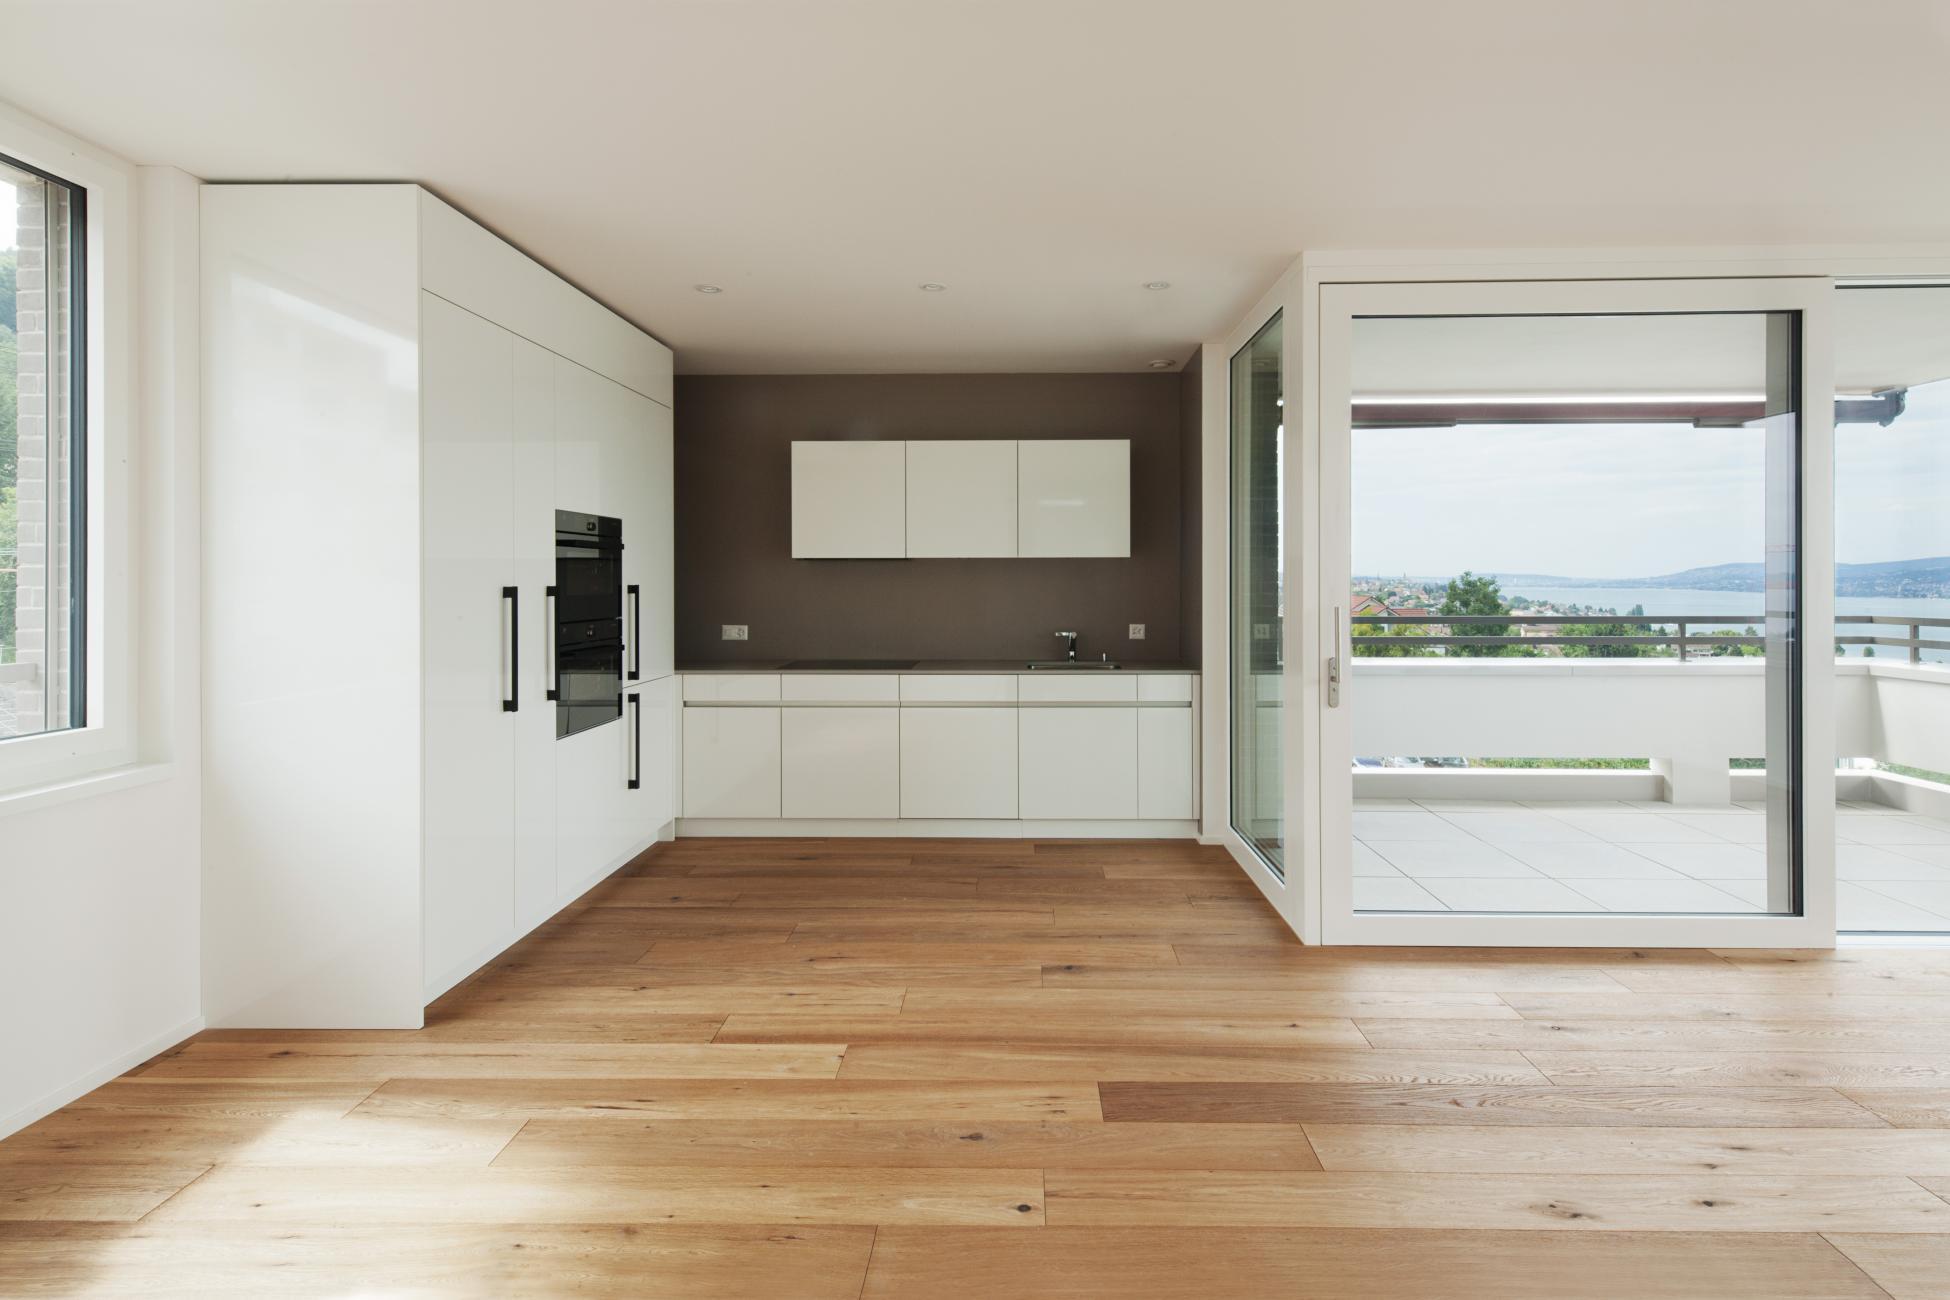 Küche in hellem und modernem Design mit grossen Hebe-Schiebeelementen